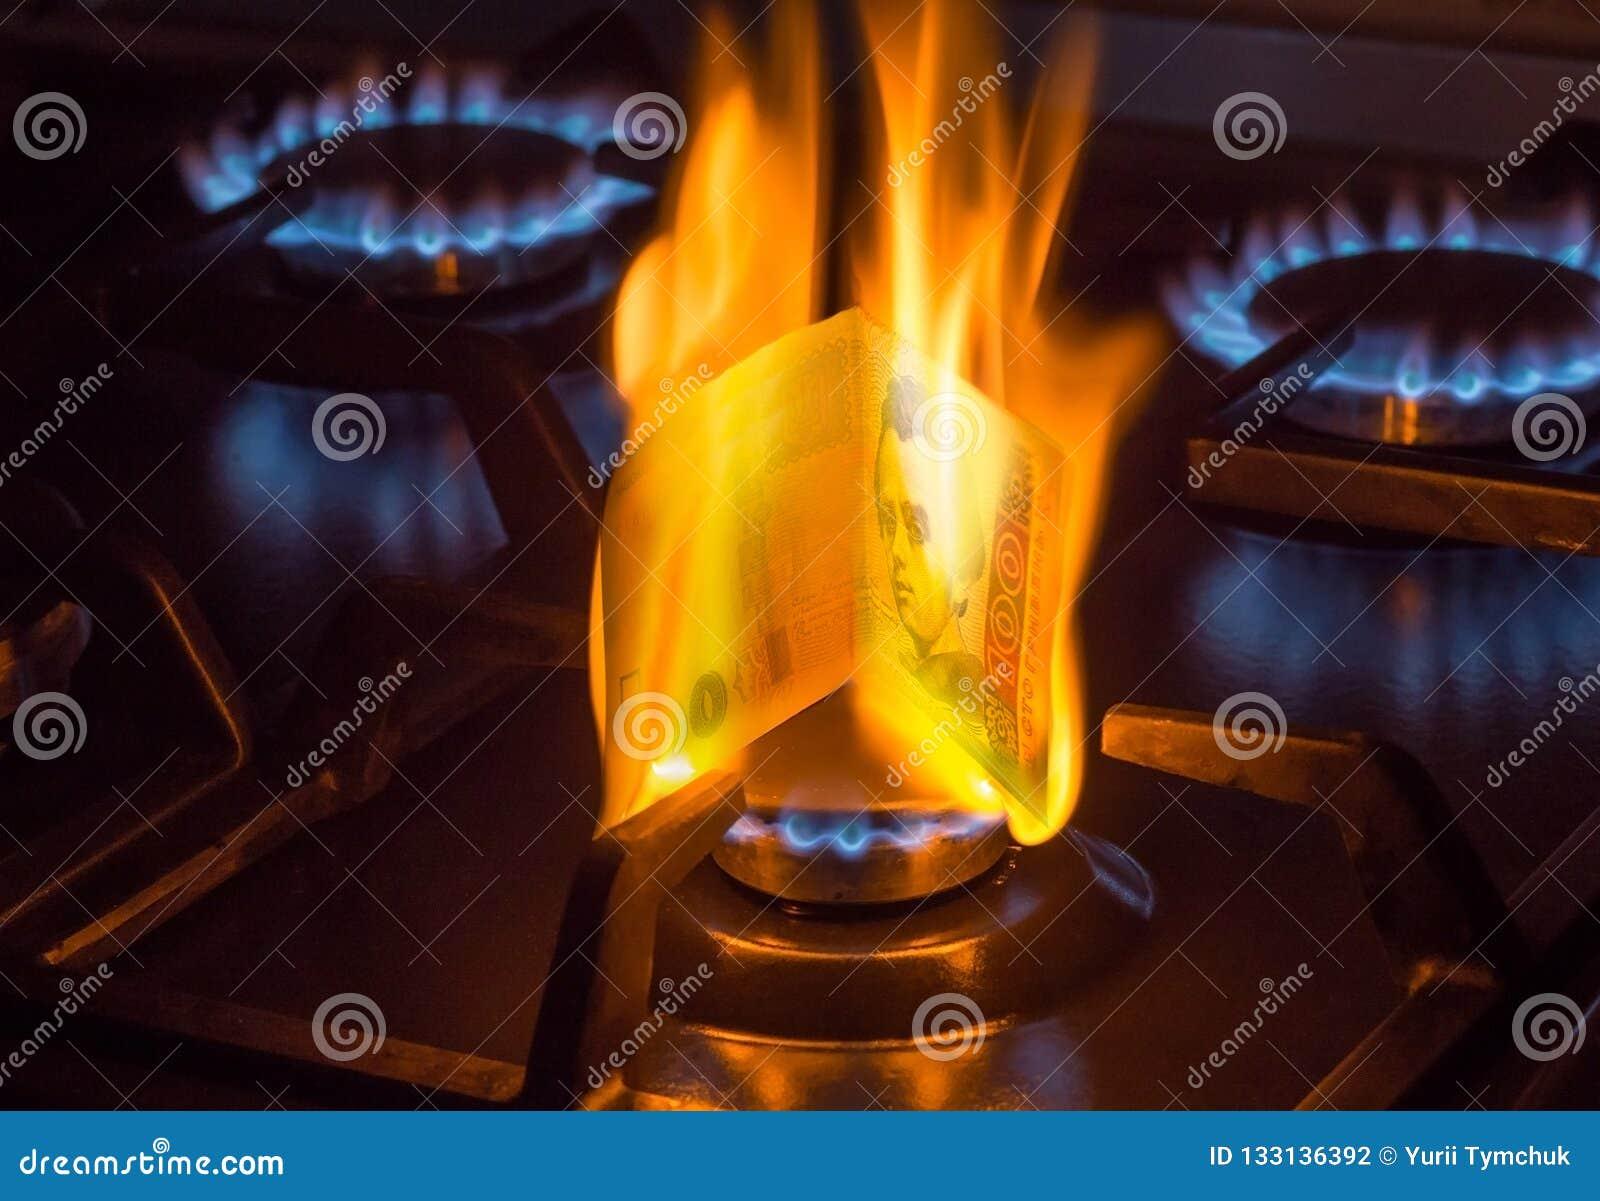 Conta de queimadura de 100 hryvnias em um queimador de gás, conceito caro do gás natural